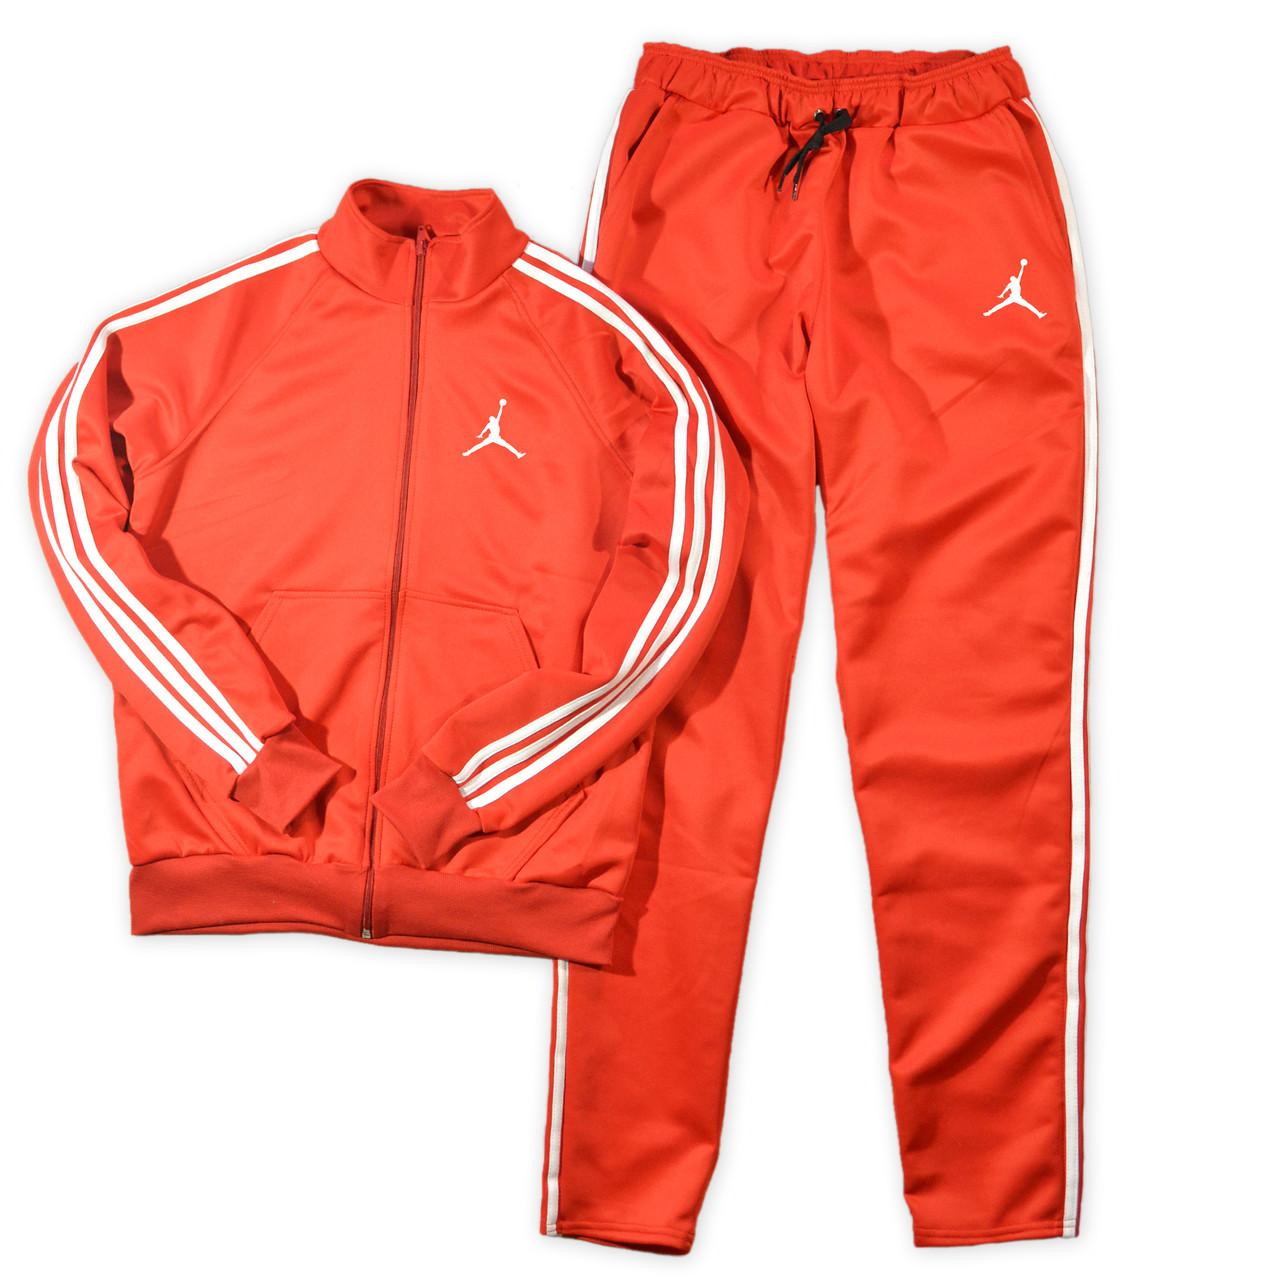 Мужской спортивный костюм для тренировок Jordan (Джордан)